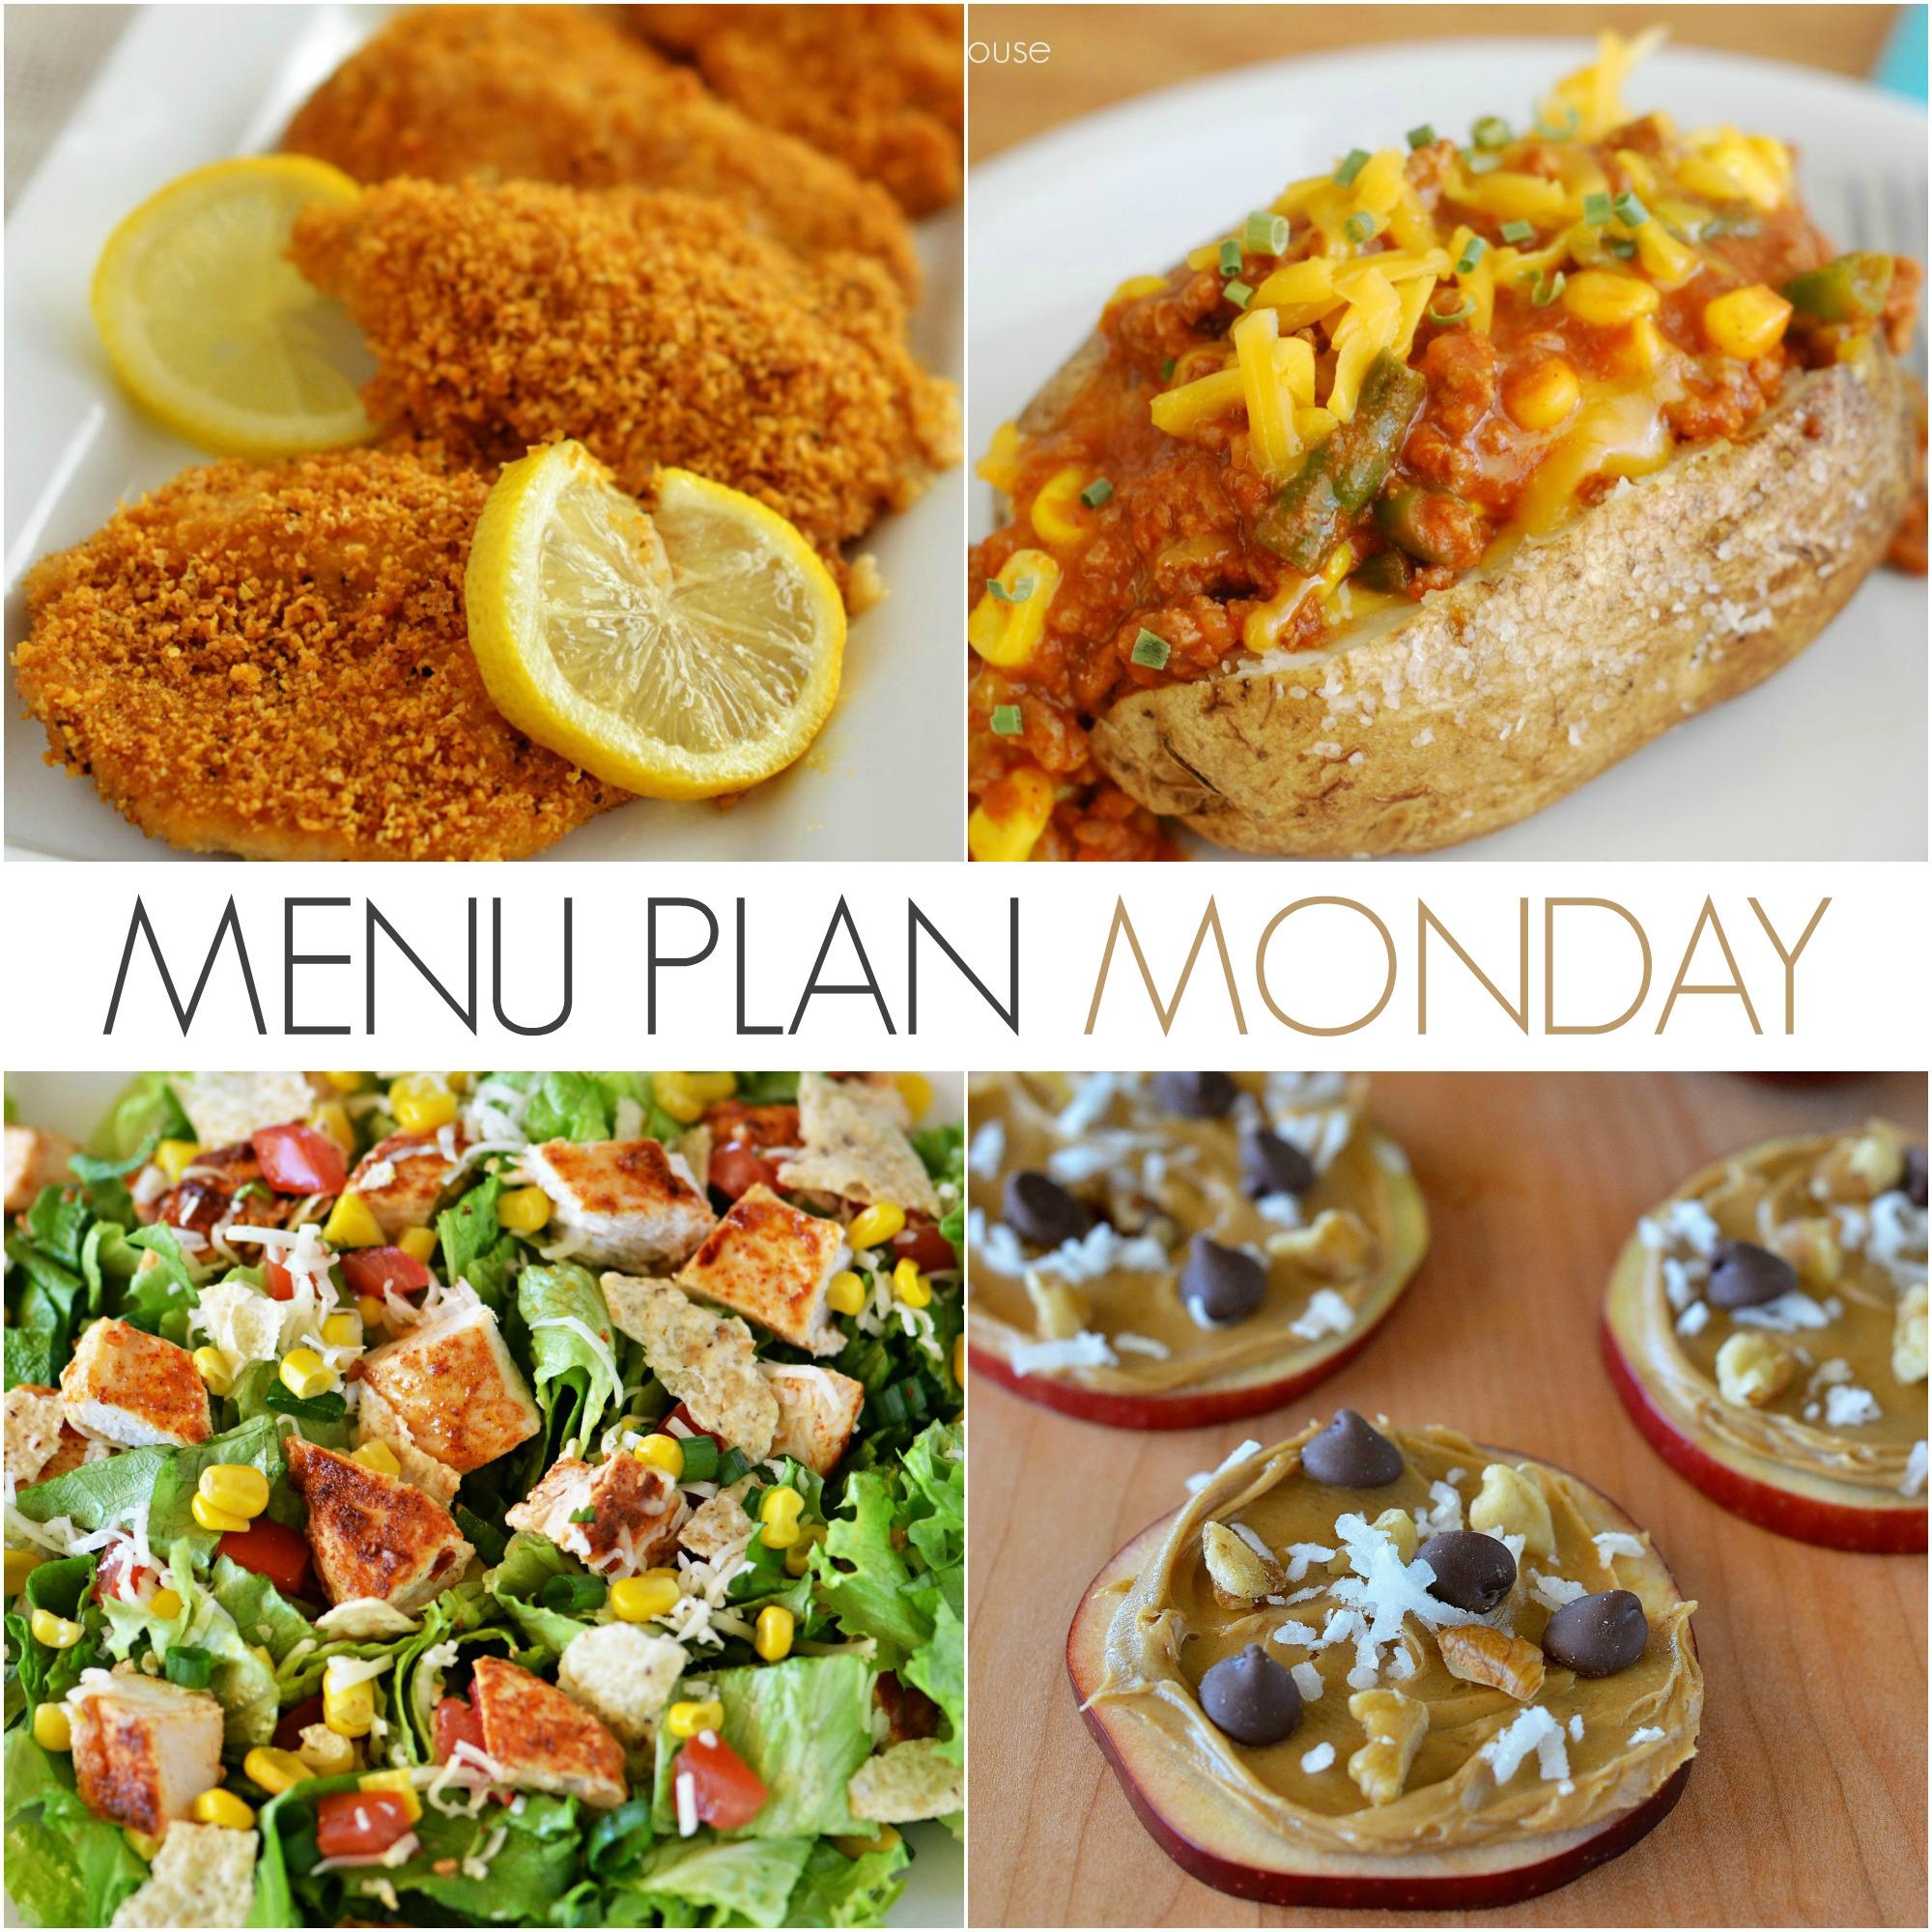 Menu Plan Monday #125